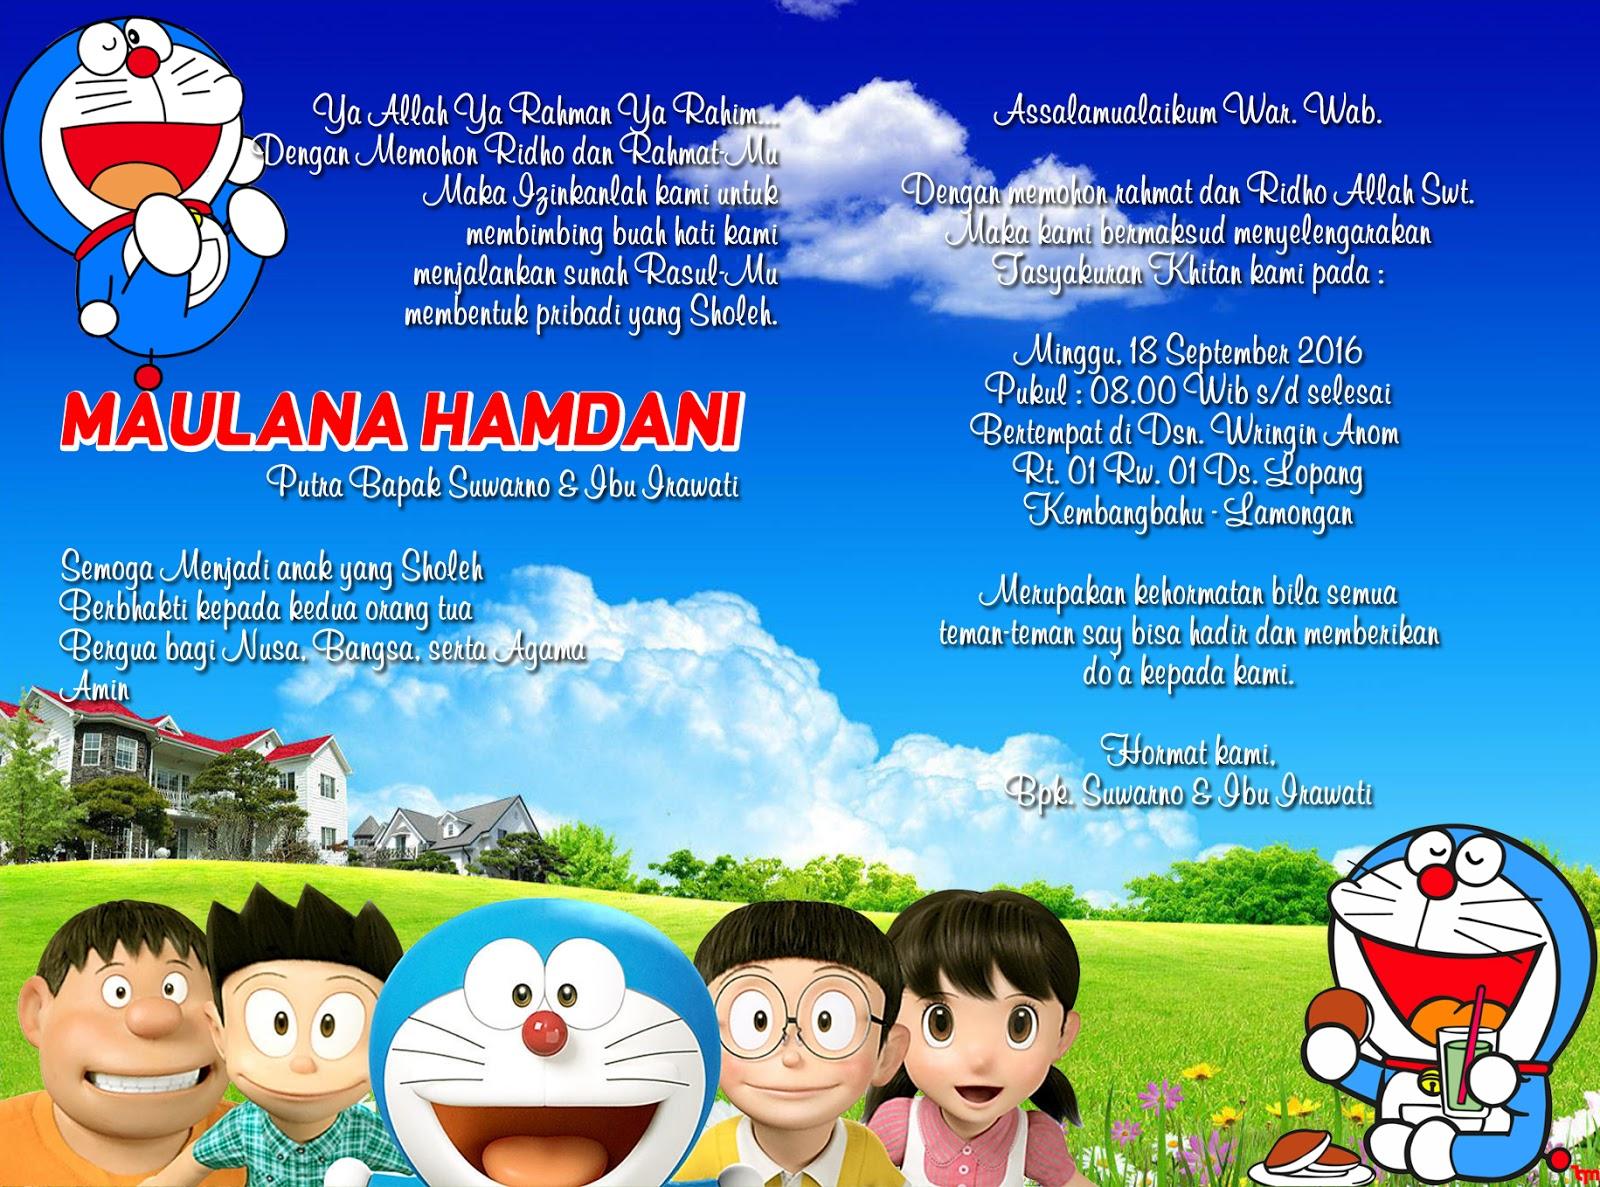 Undangan Model Doraemon Termurah Jawa Timur Nirwana Digital Print